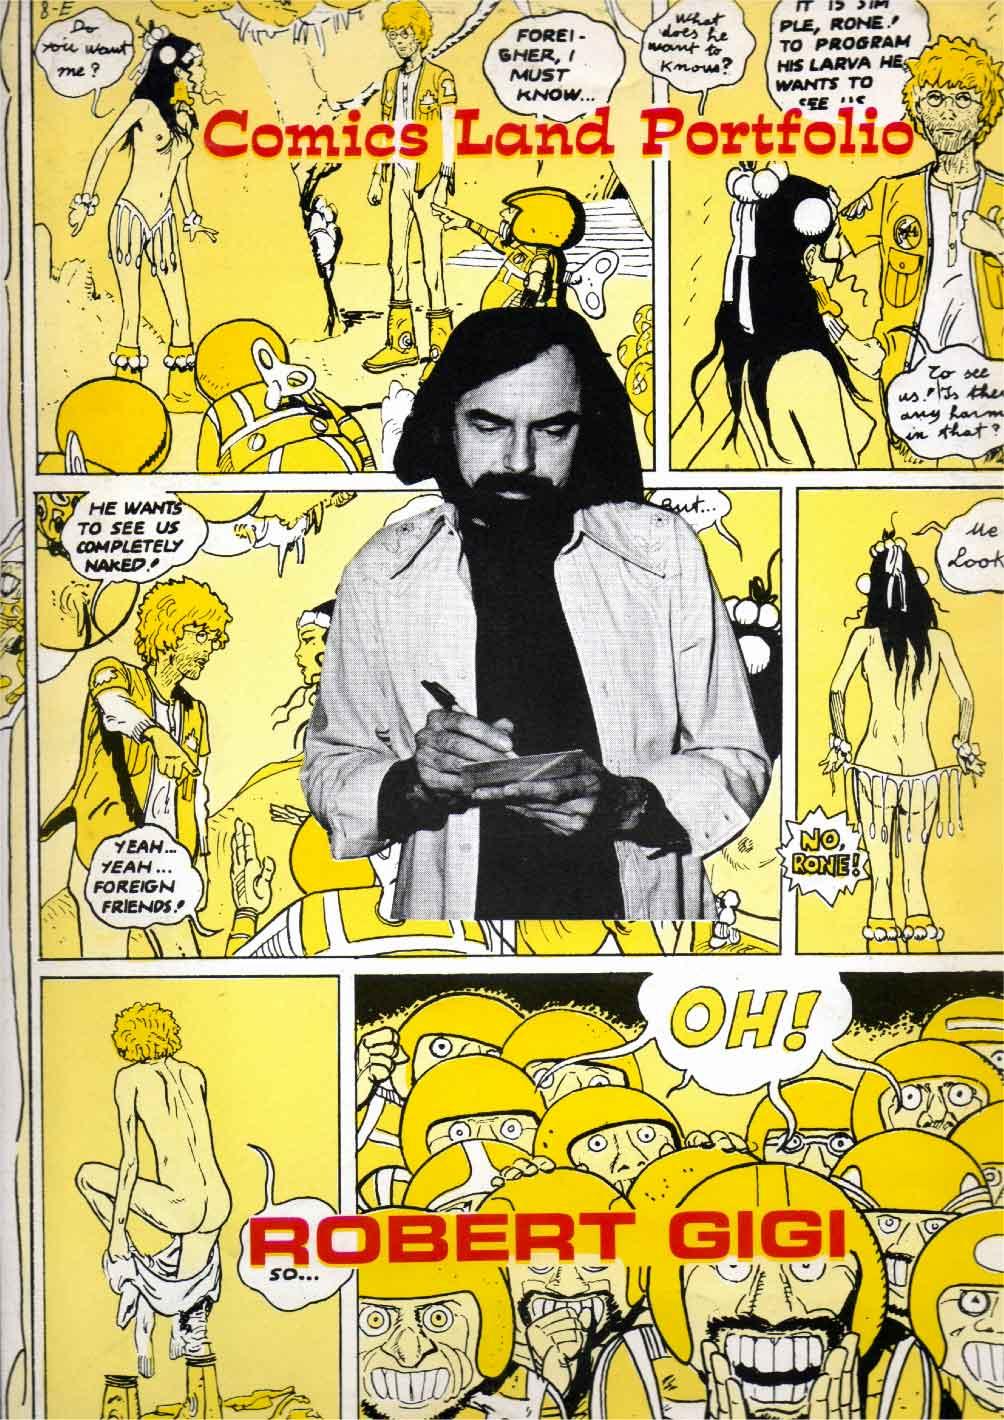 Annonce portfolio italien Comix Land (1973).